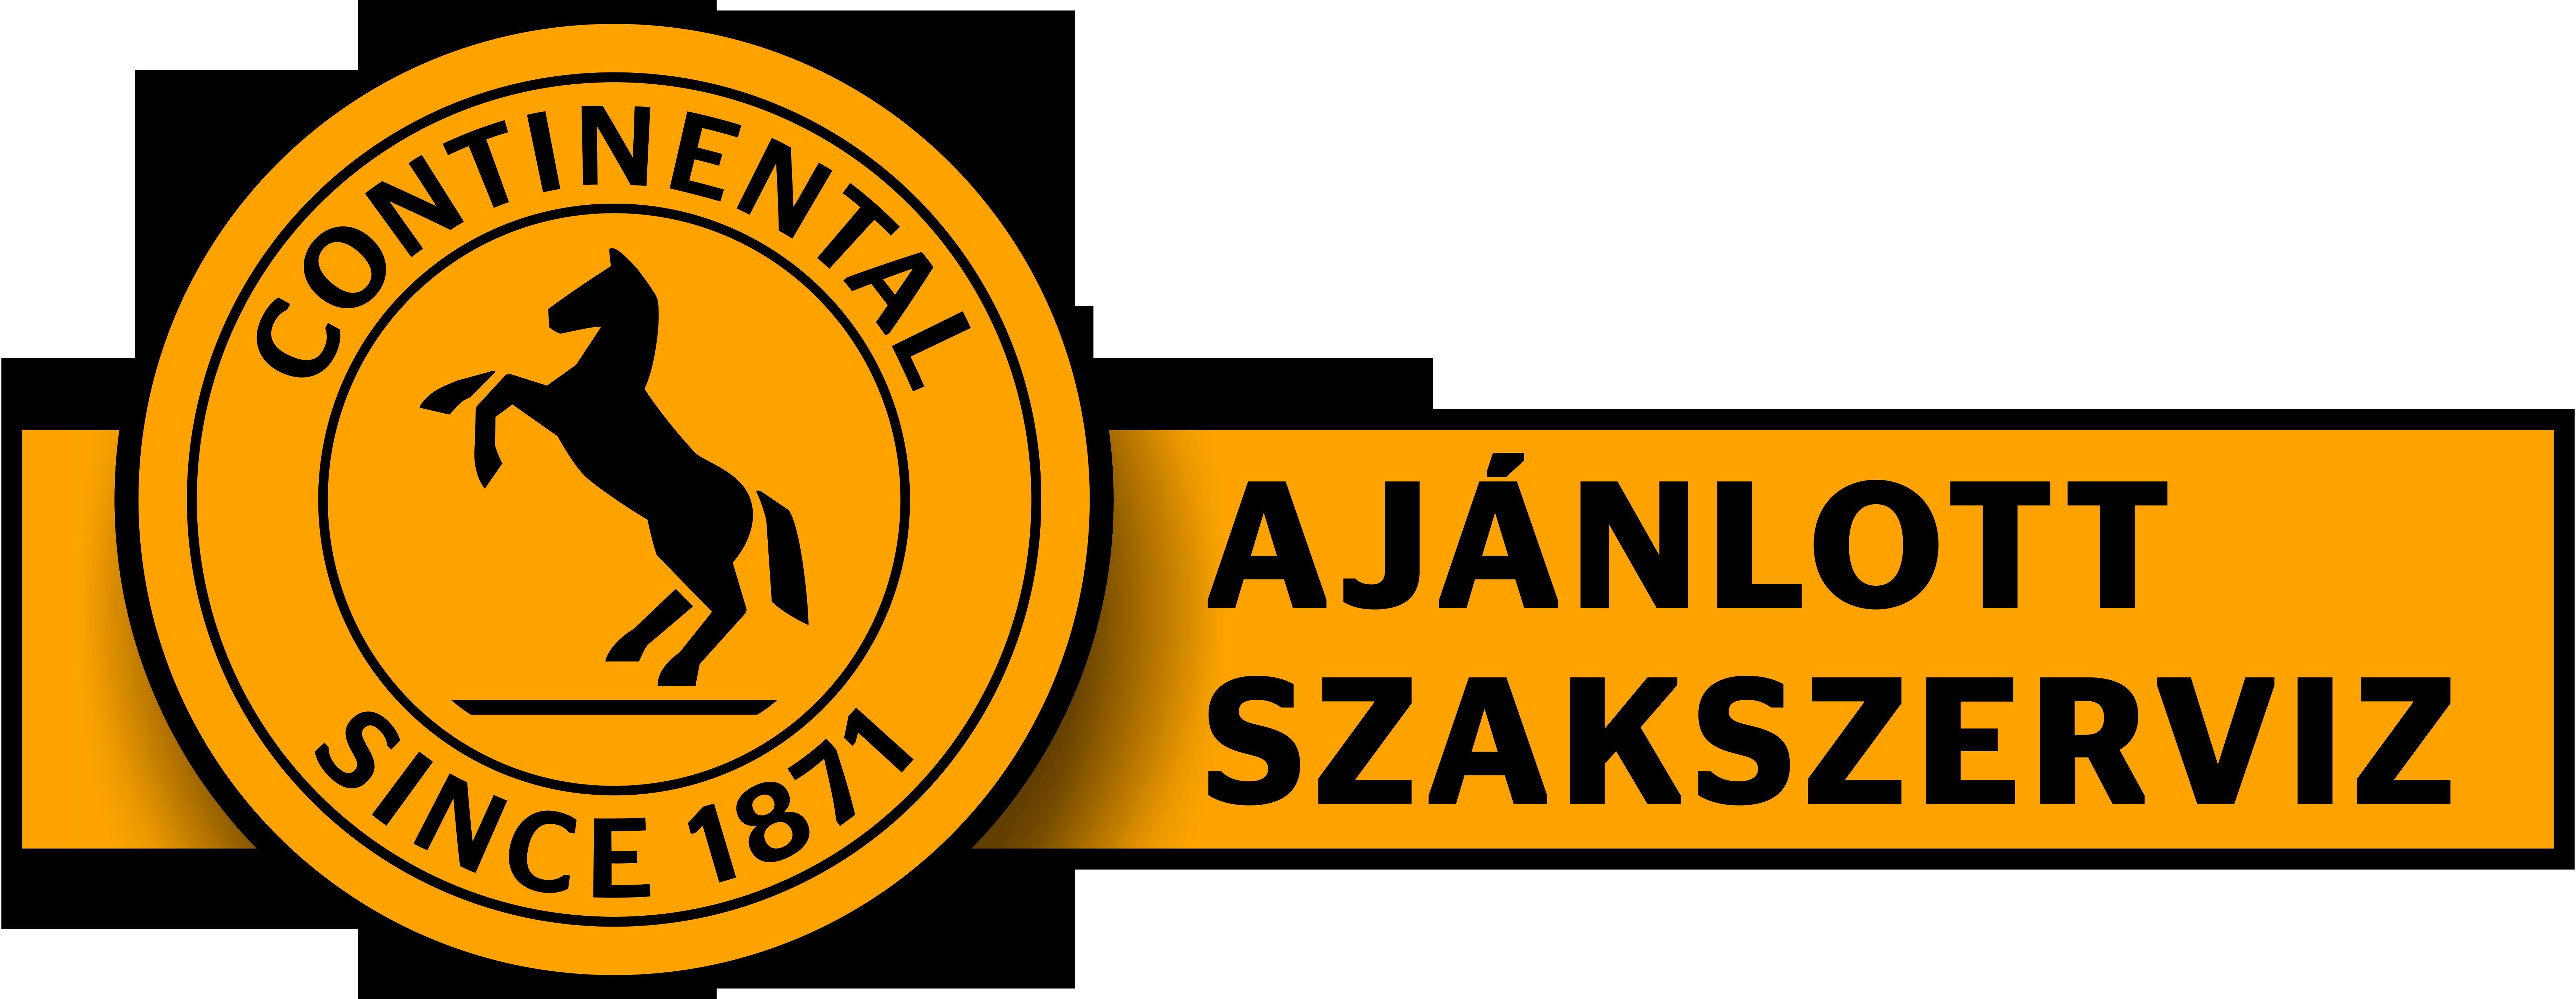 szerviz logó